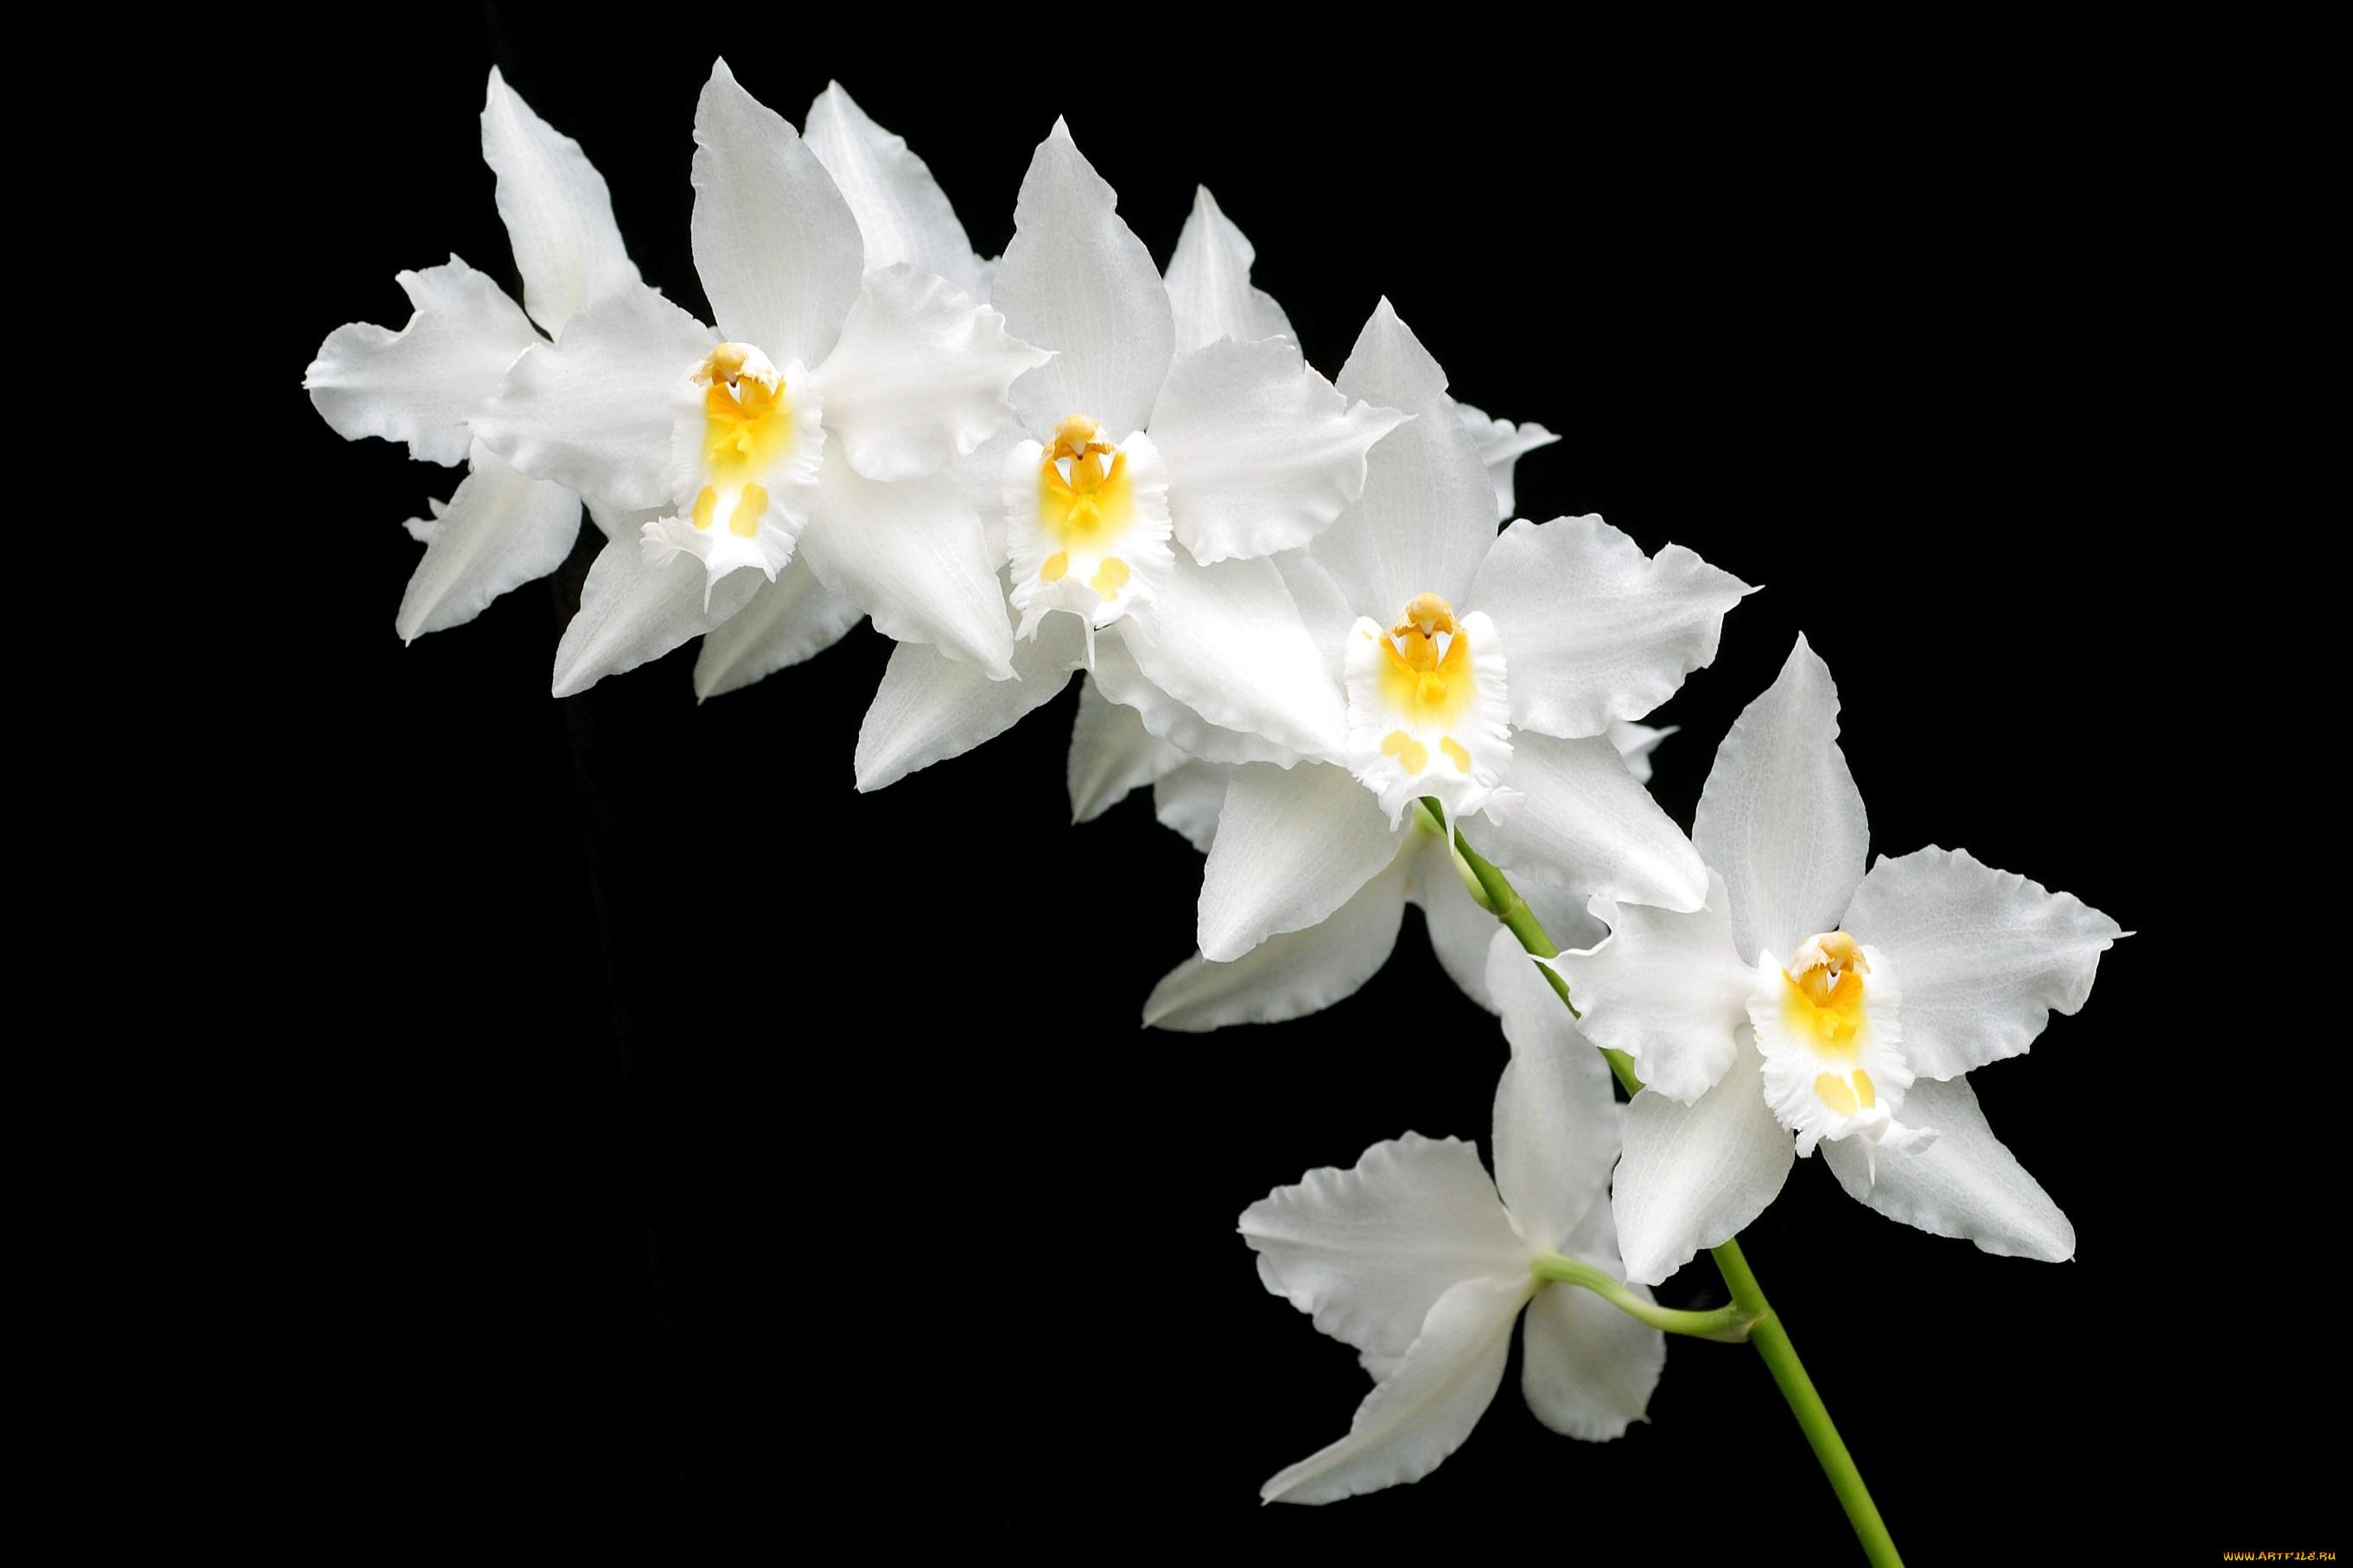 Цветы орхидеи обои для рабочего стола